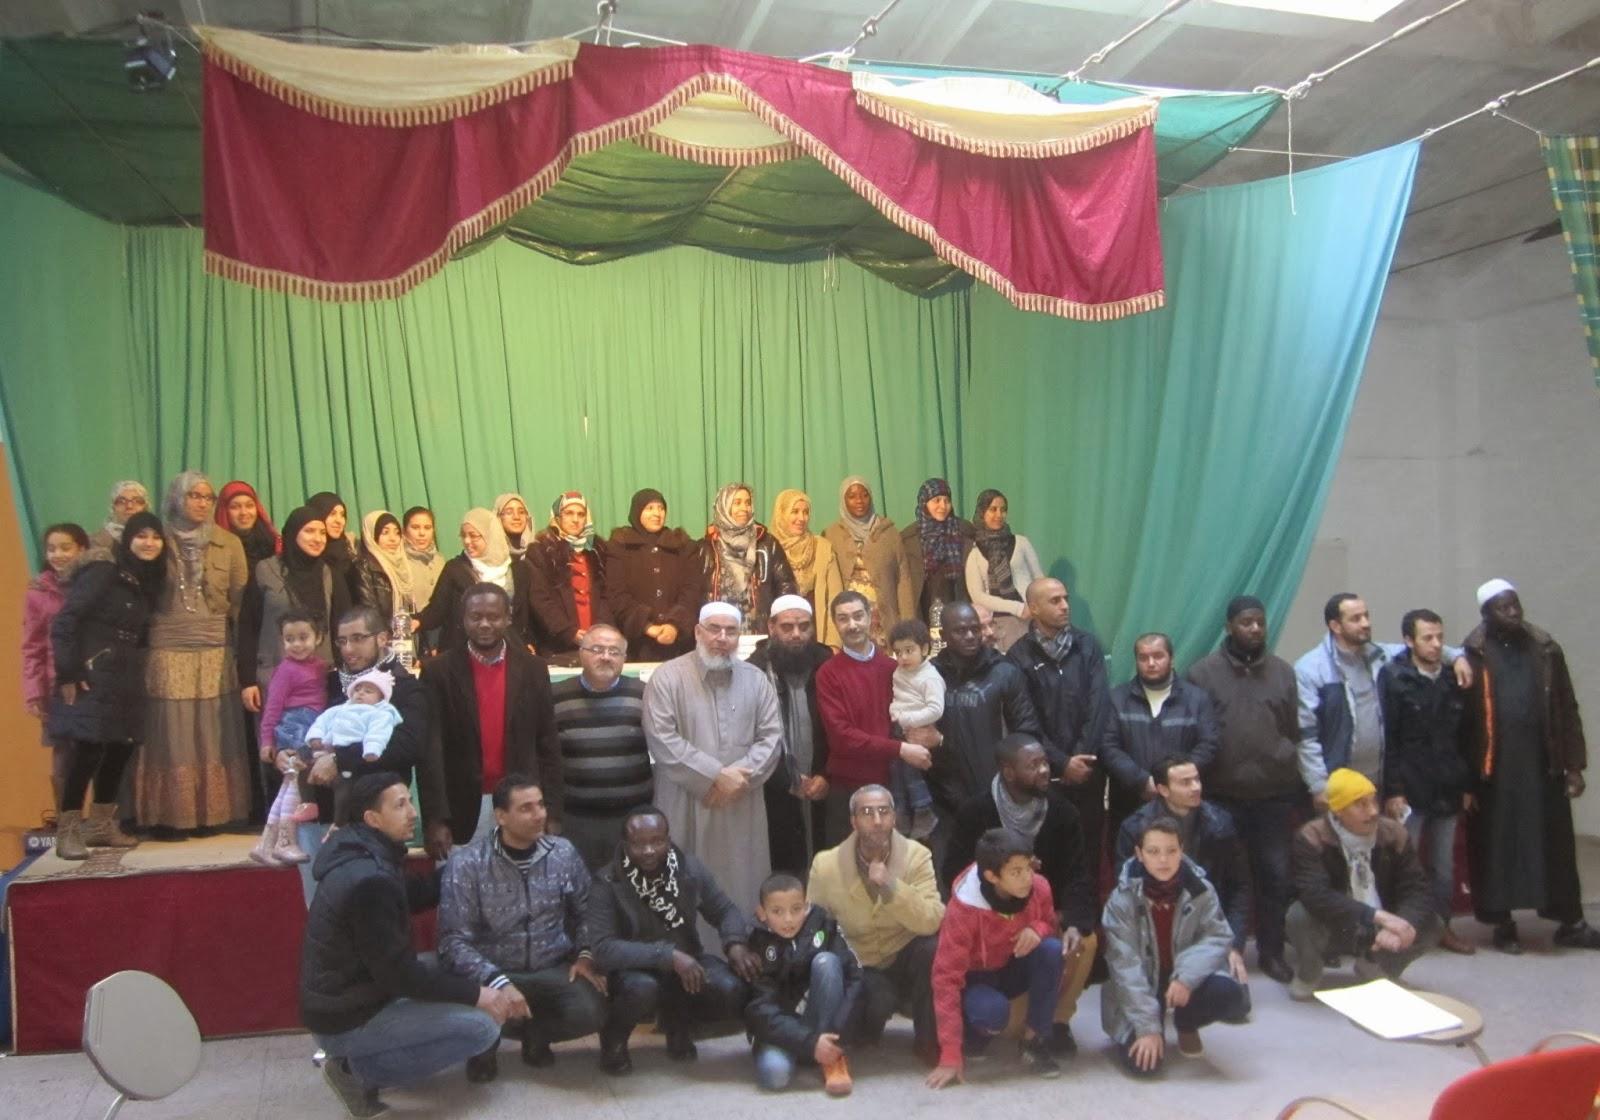 المؤتمر الثامن لإتحاد الجمعيات الإسلامية في أراغون